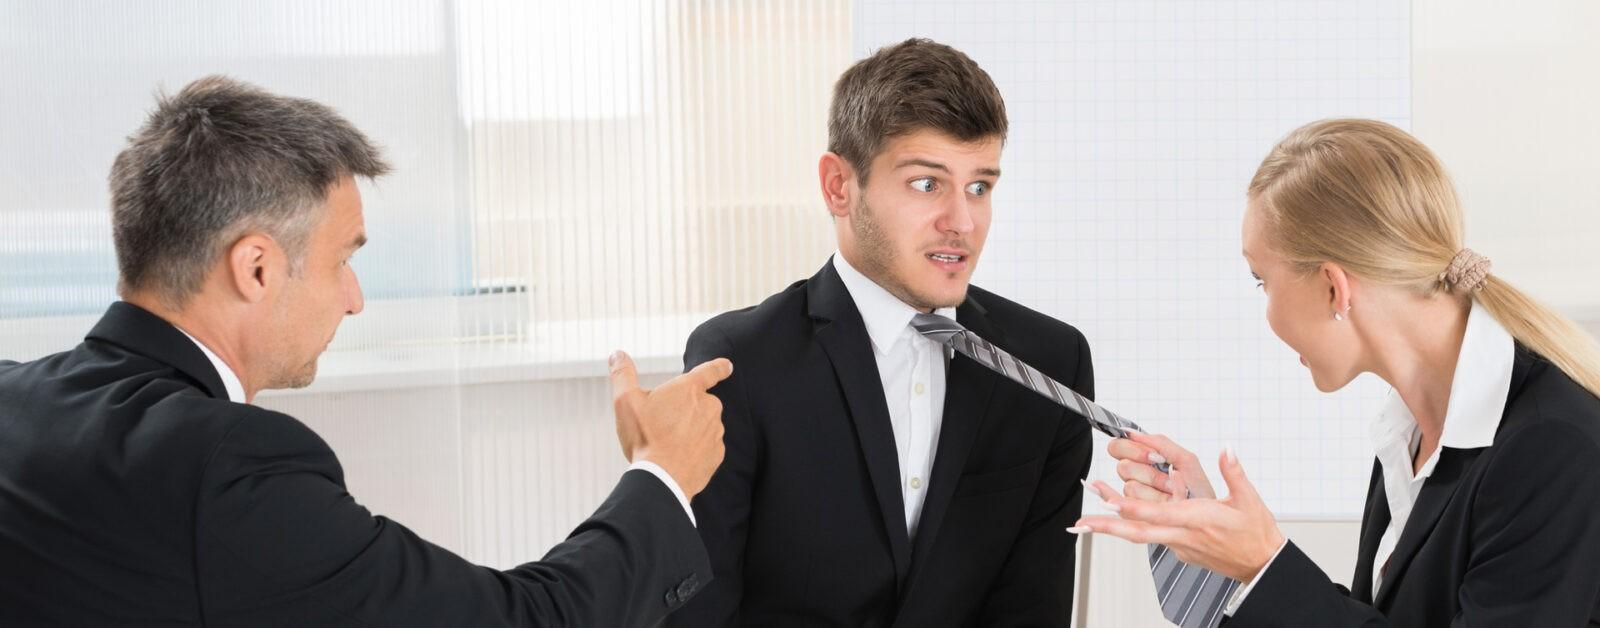 Почему «верхи» и «низы» в компаниях не понимают друг друга